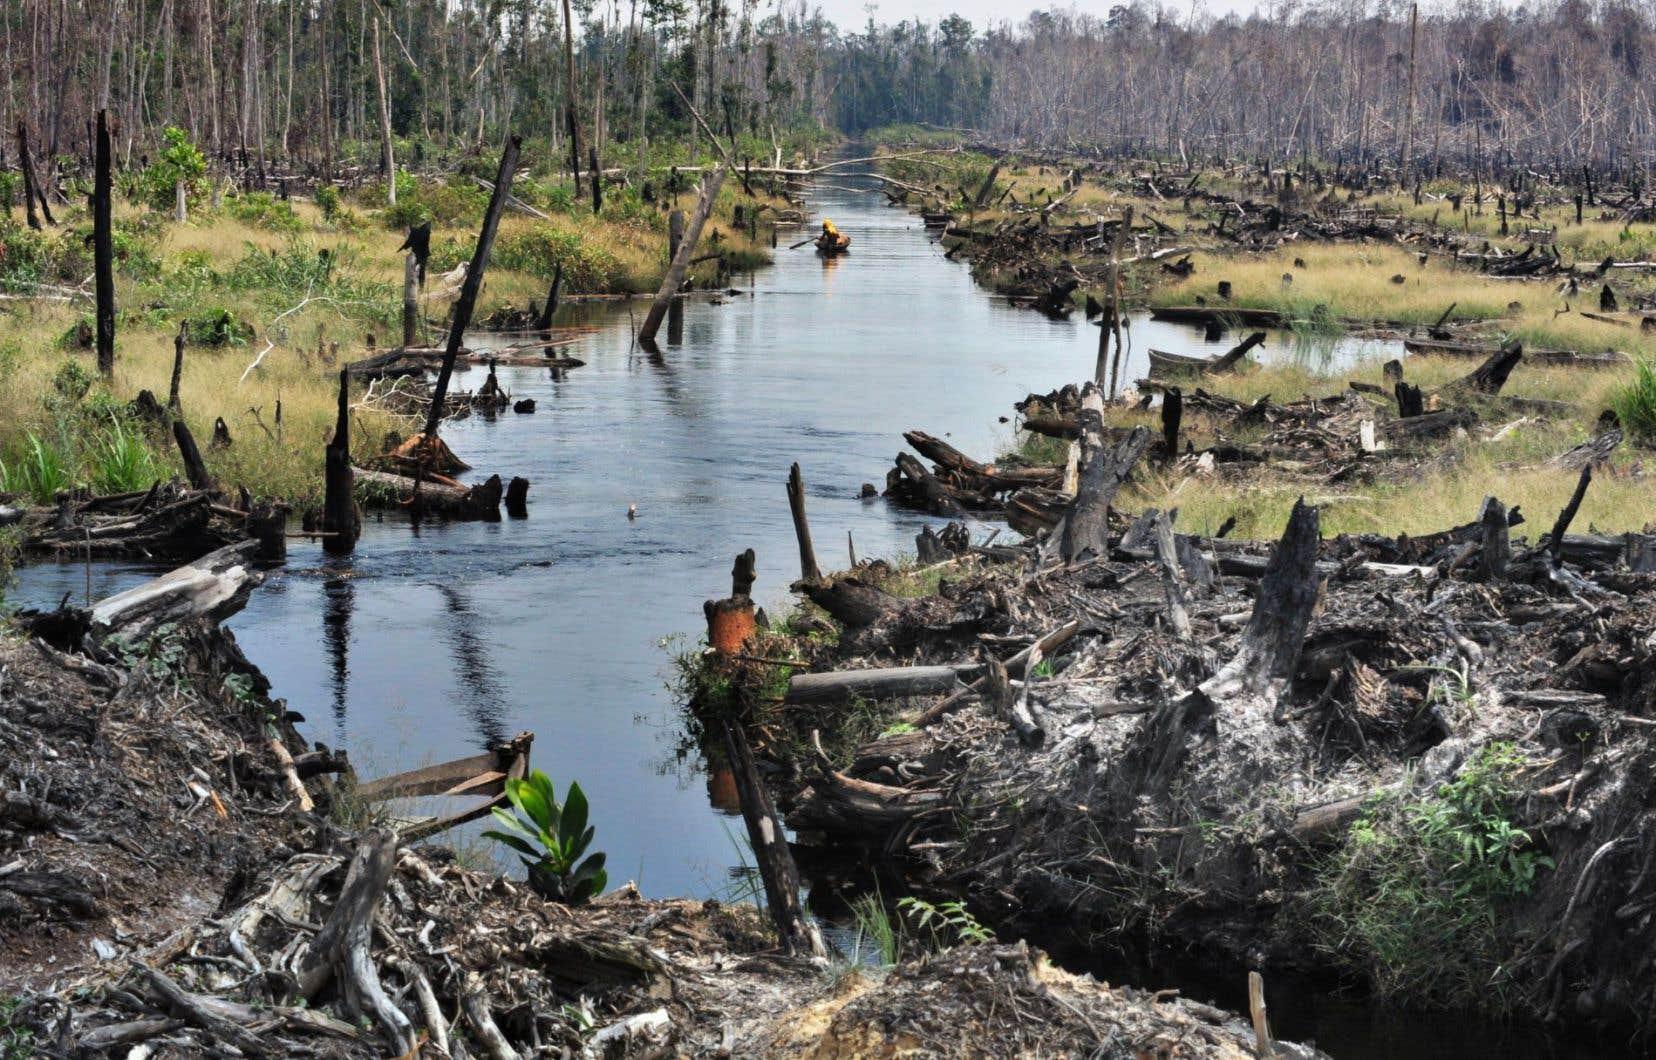 Une tourbière de la province de Riau, à Sumatra, en Indonésie. La forêt tropicale de cette île de l'ouest du pays est ravagée par la déforestation.